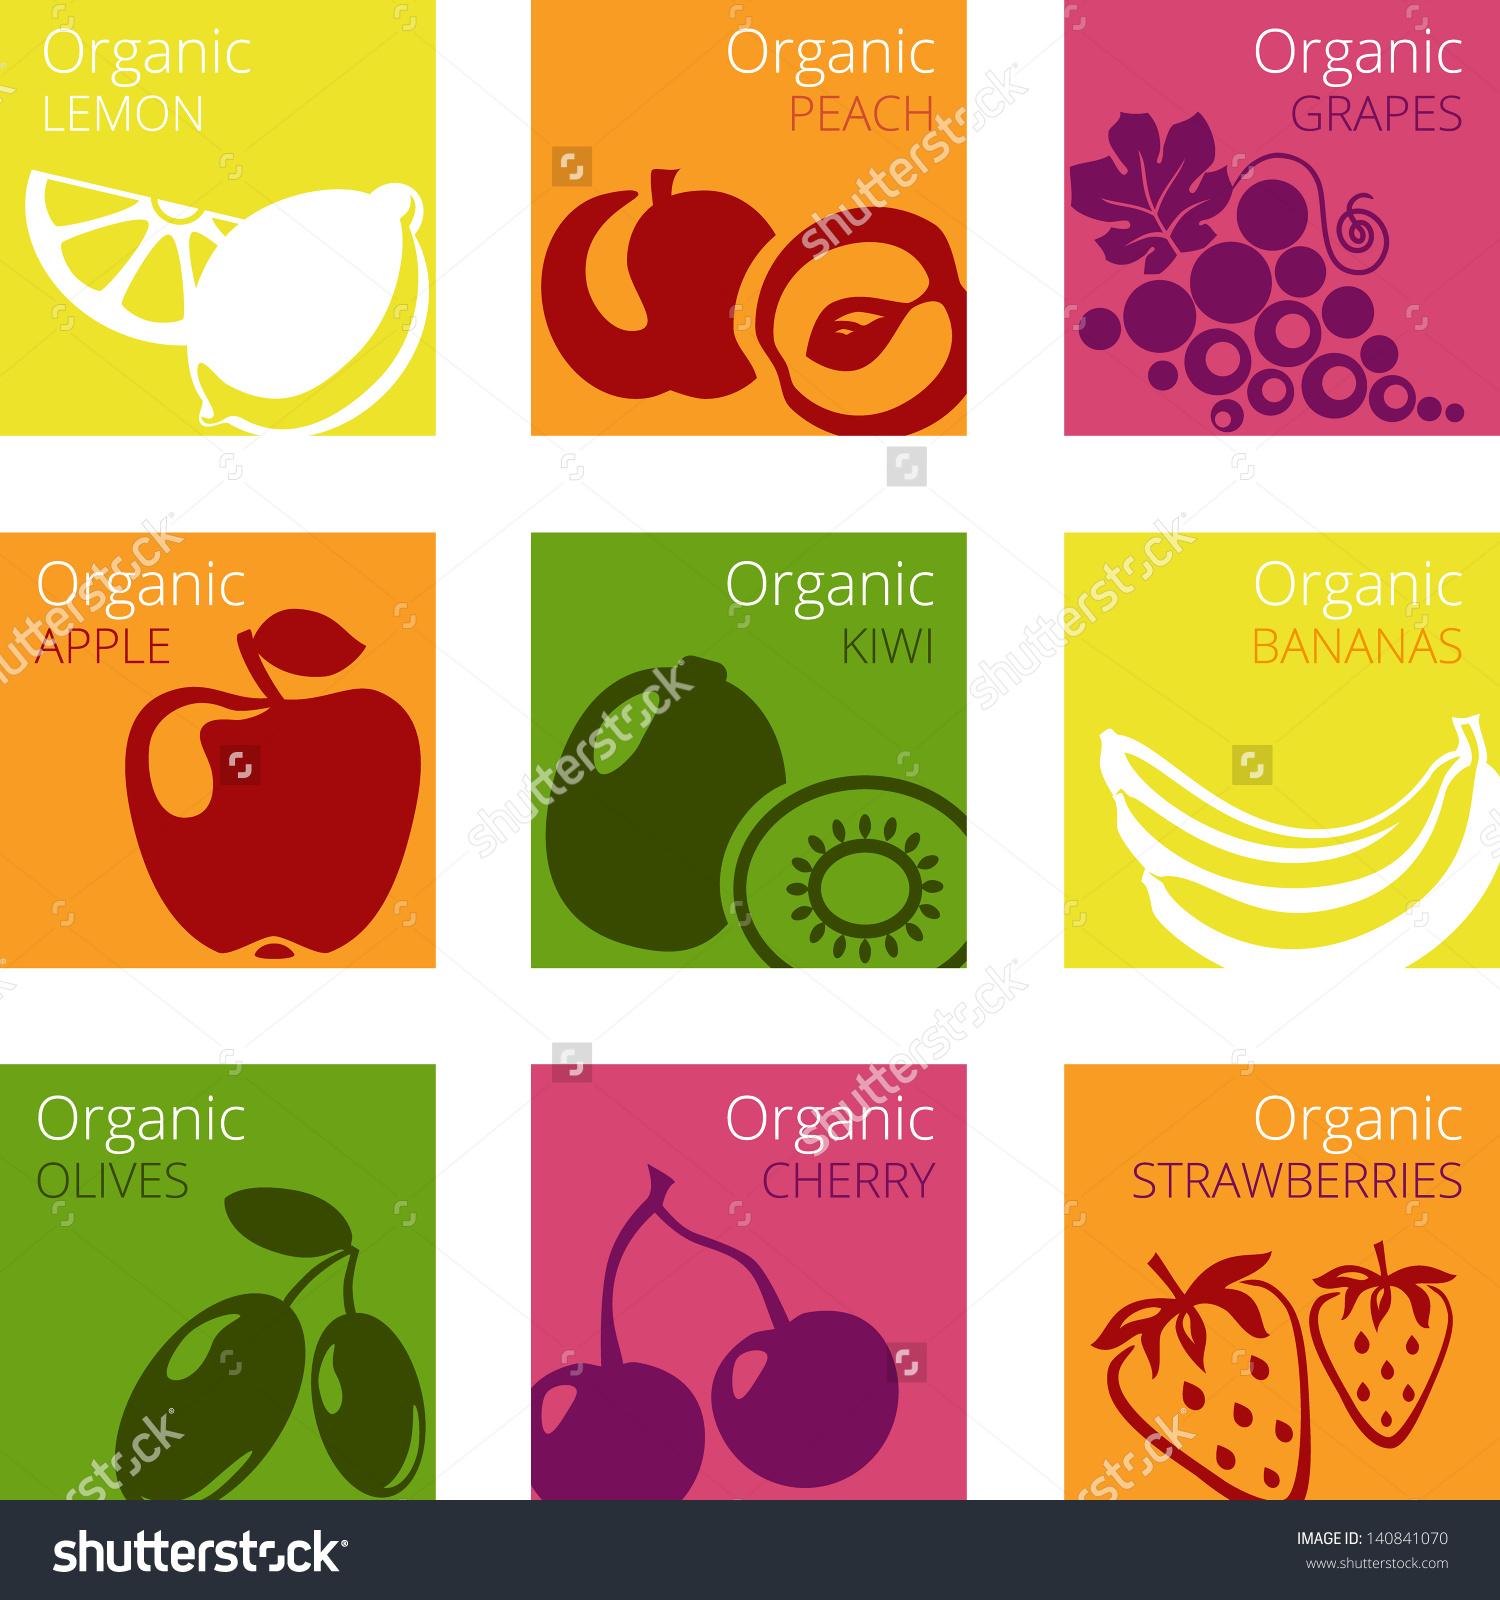 Vector Illustration Of Organic Fruits Labels: Kiwi, Bananas.